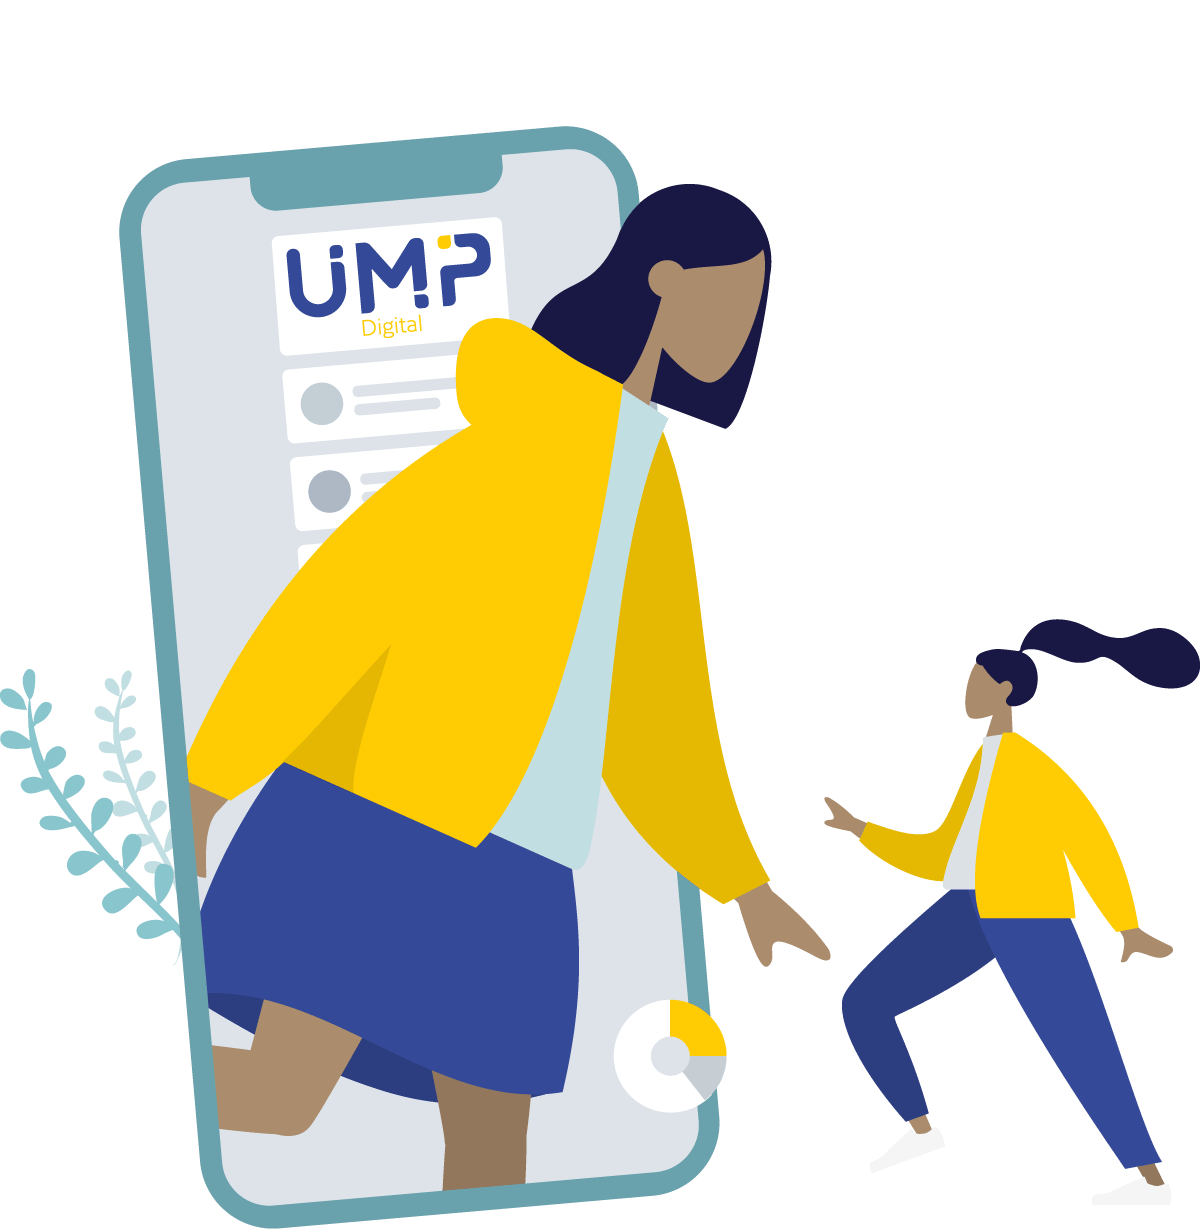 UMP Digital